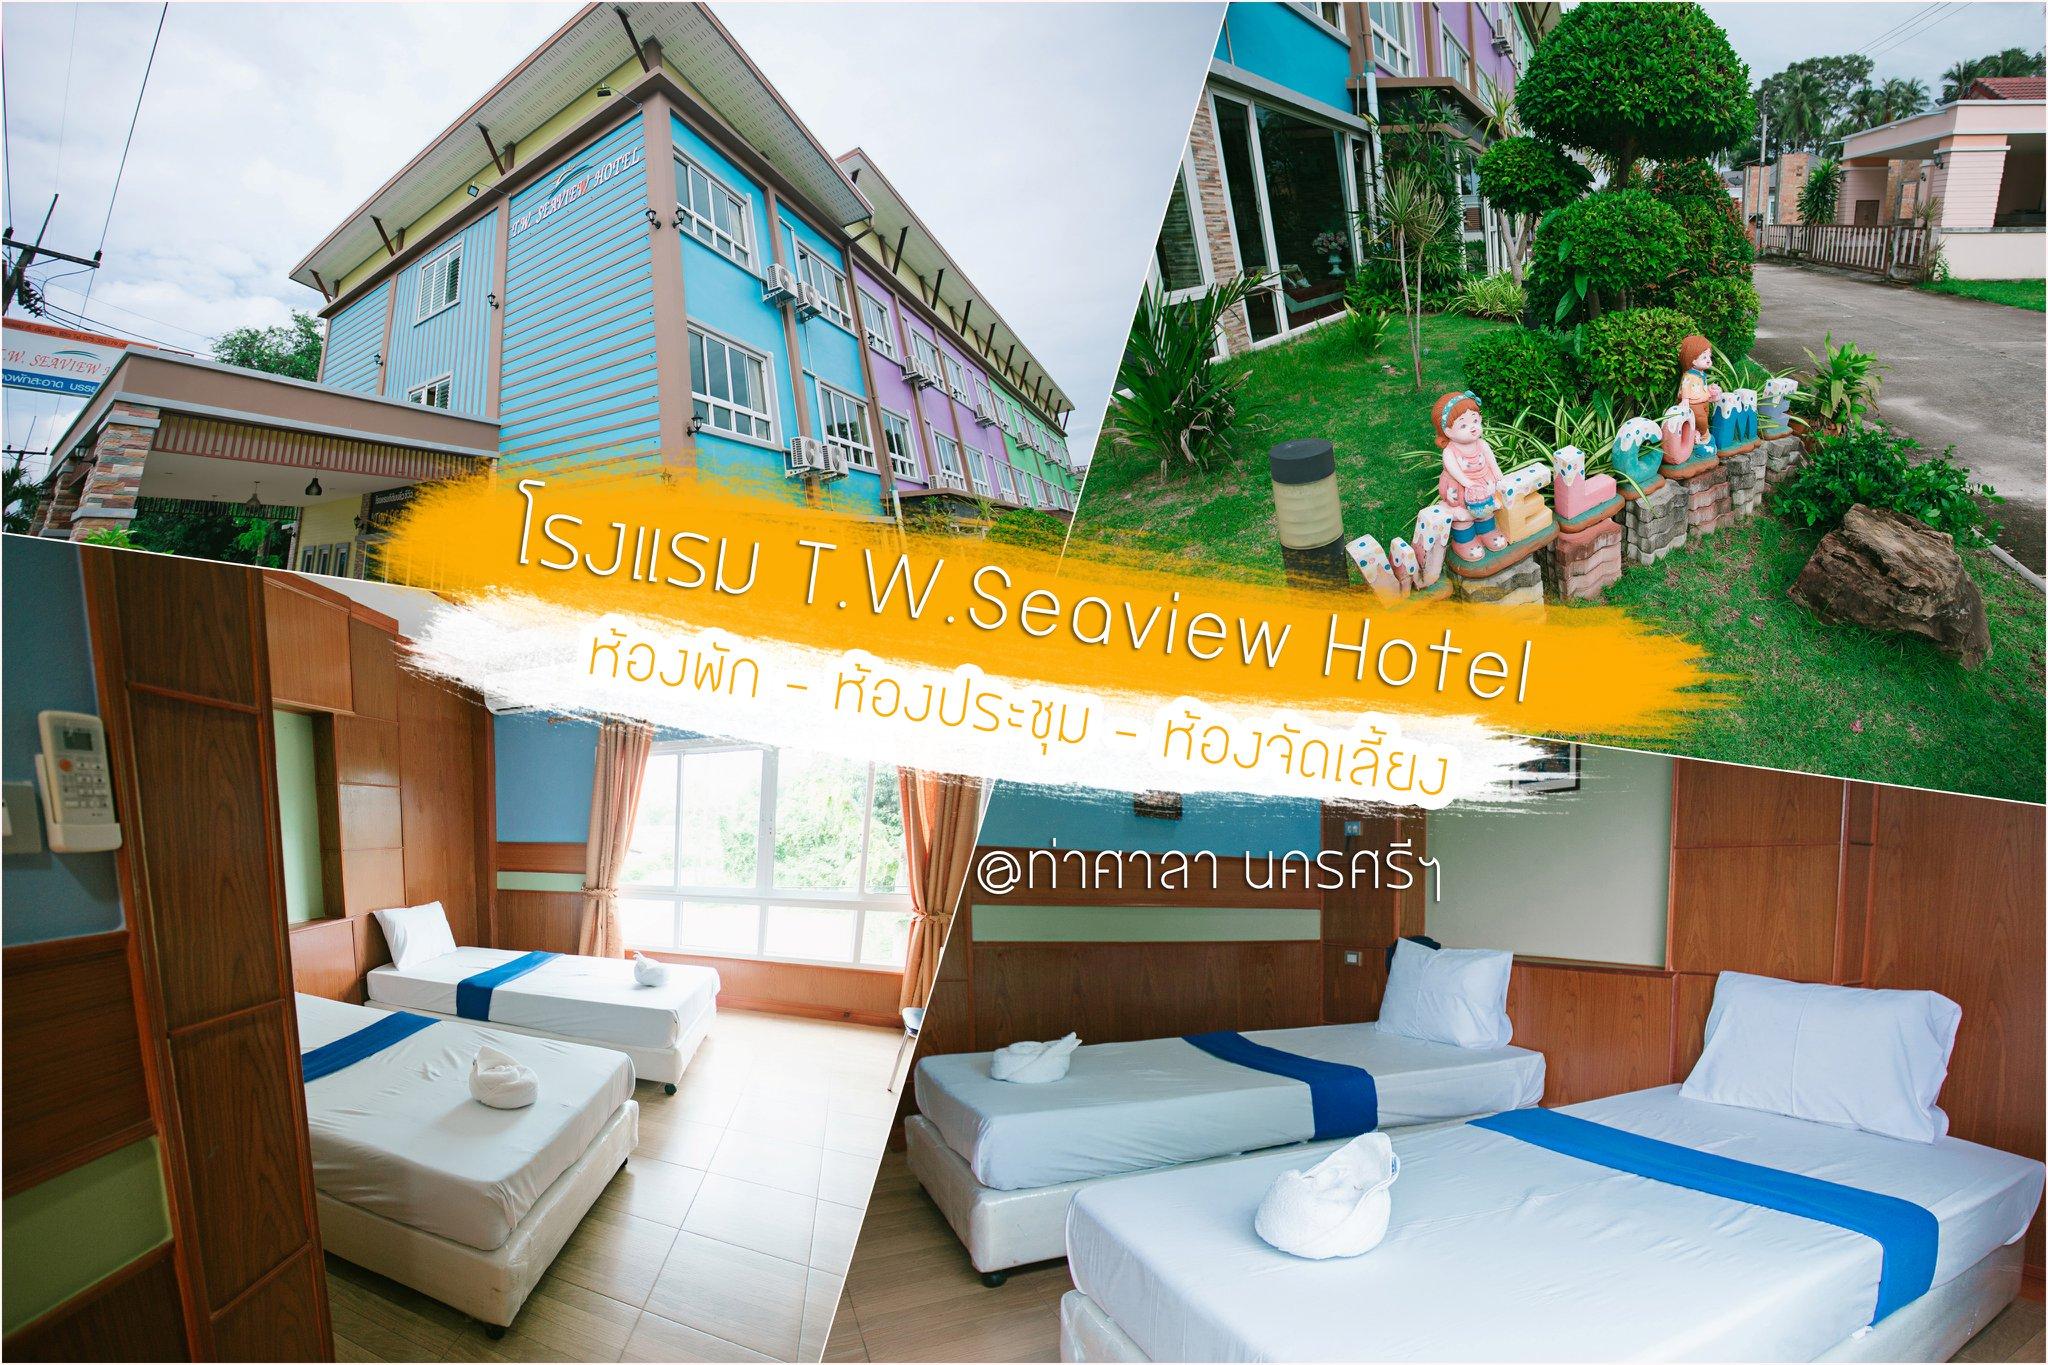 ที่พัก ท่าศาลา โรงแรม T.W.Seaview Hotel ห้องประชุม ห้องจัดสรรค์ ห้องจัดเลี้ยง